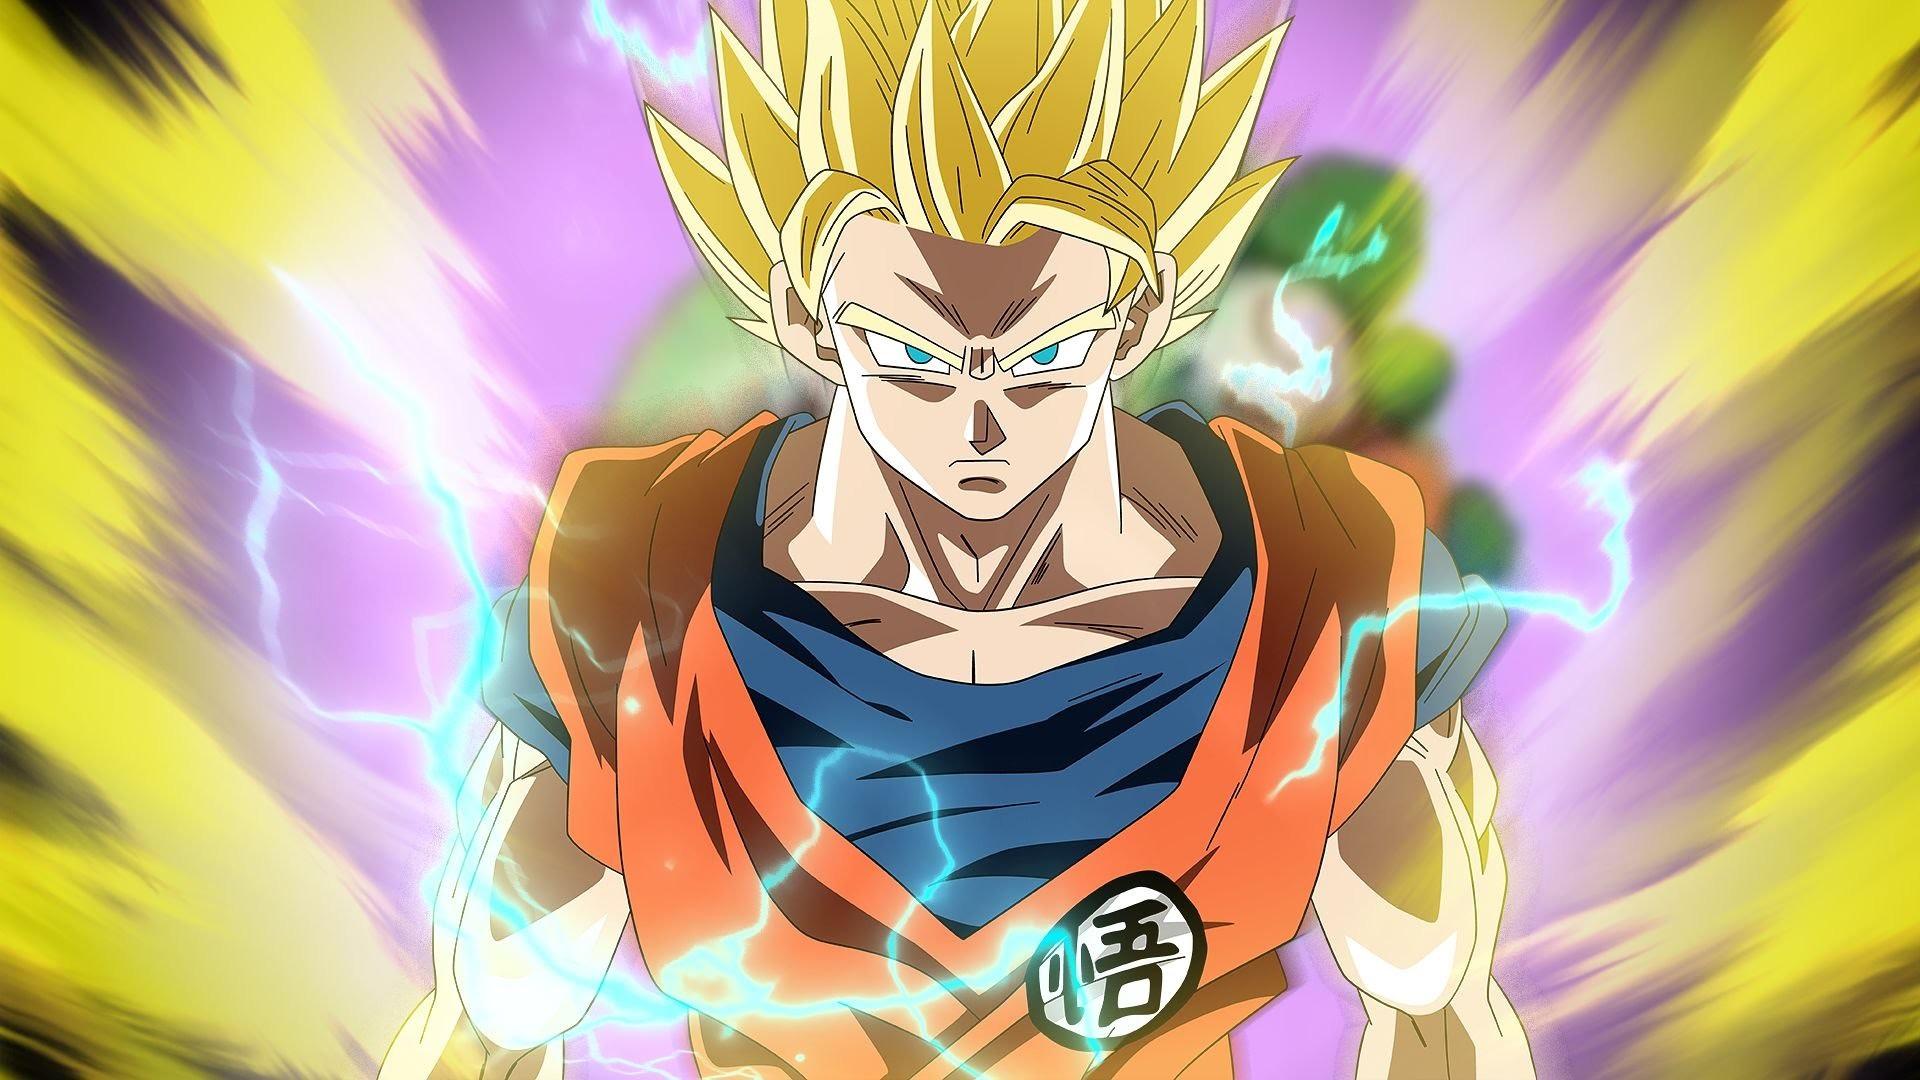 DRAGON BALL SUPER スーパー, Goku vs Bills, o Deus da Destruição! / Episódios de  Agosto 2015 Schedule! – YouTube